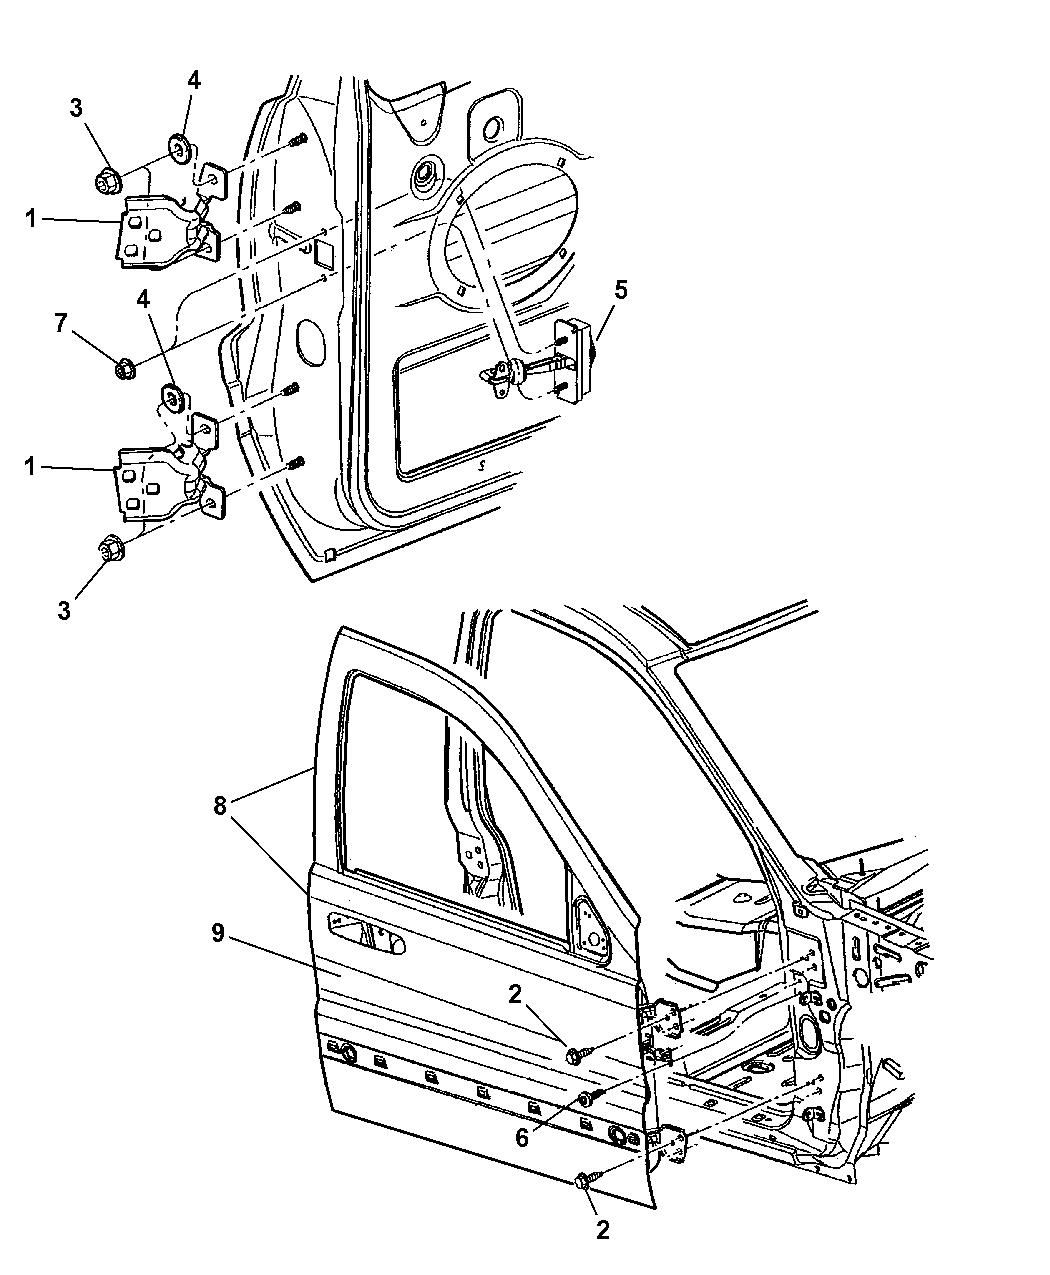 2007 jeep liberty door diagram 55177026aa - genuine jeep hinge-door #10